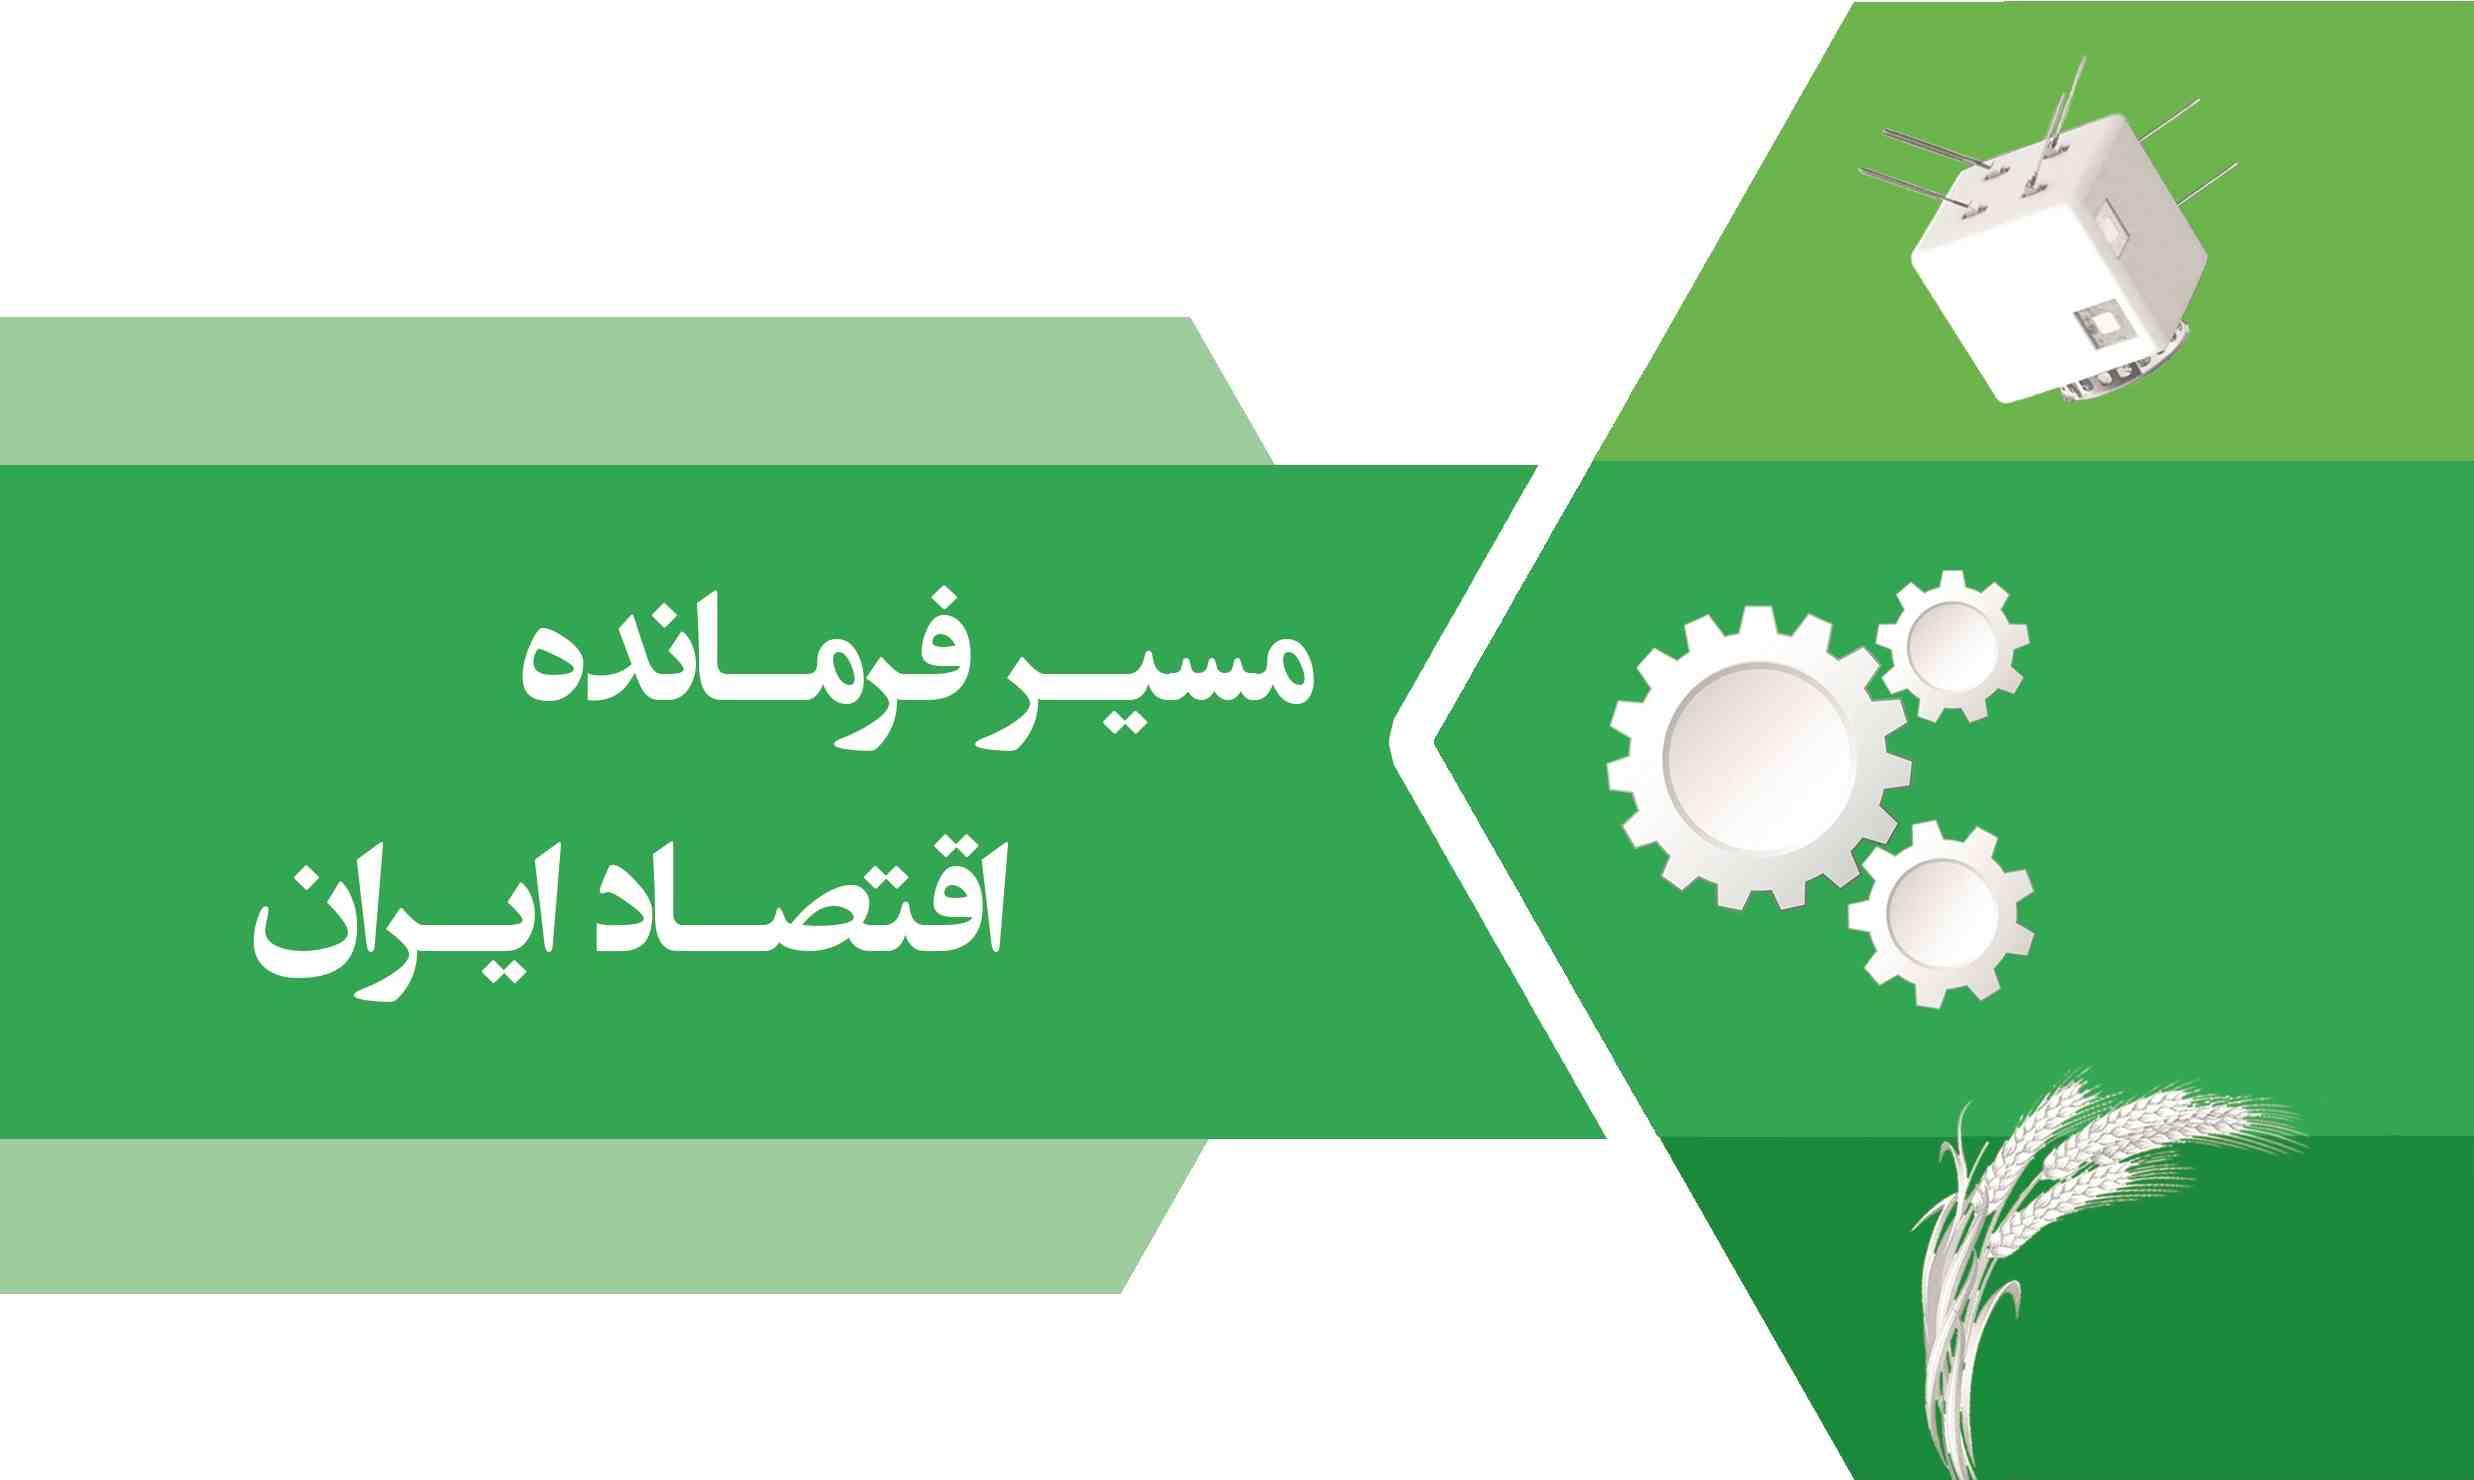 مسیر فرمانده اقتصاد ایران